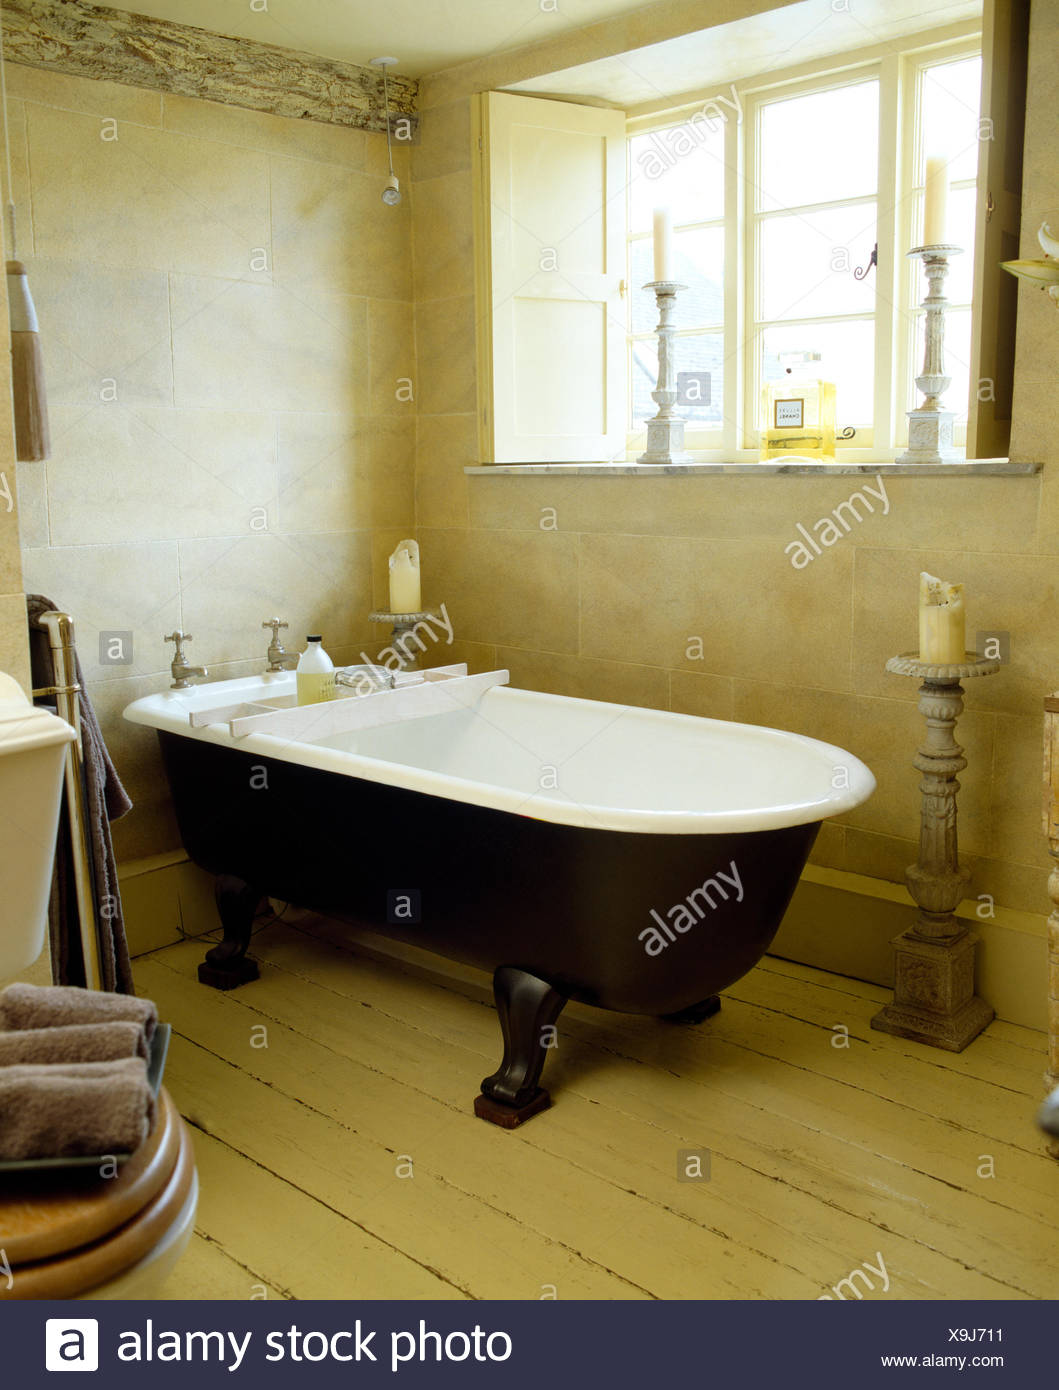 Roll top bagno in cottage bagno con pavimento in legno e vetro con ...